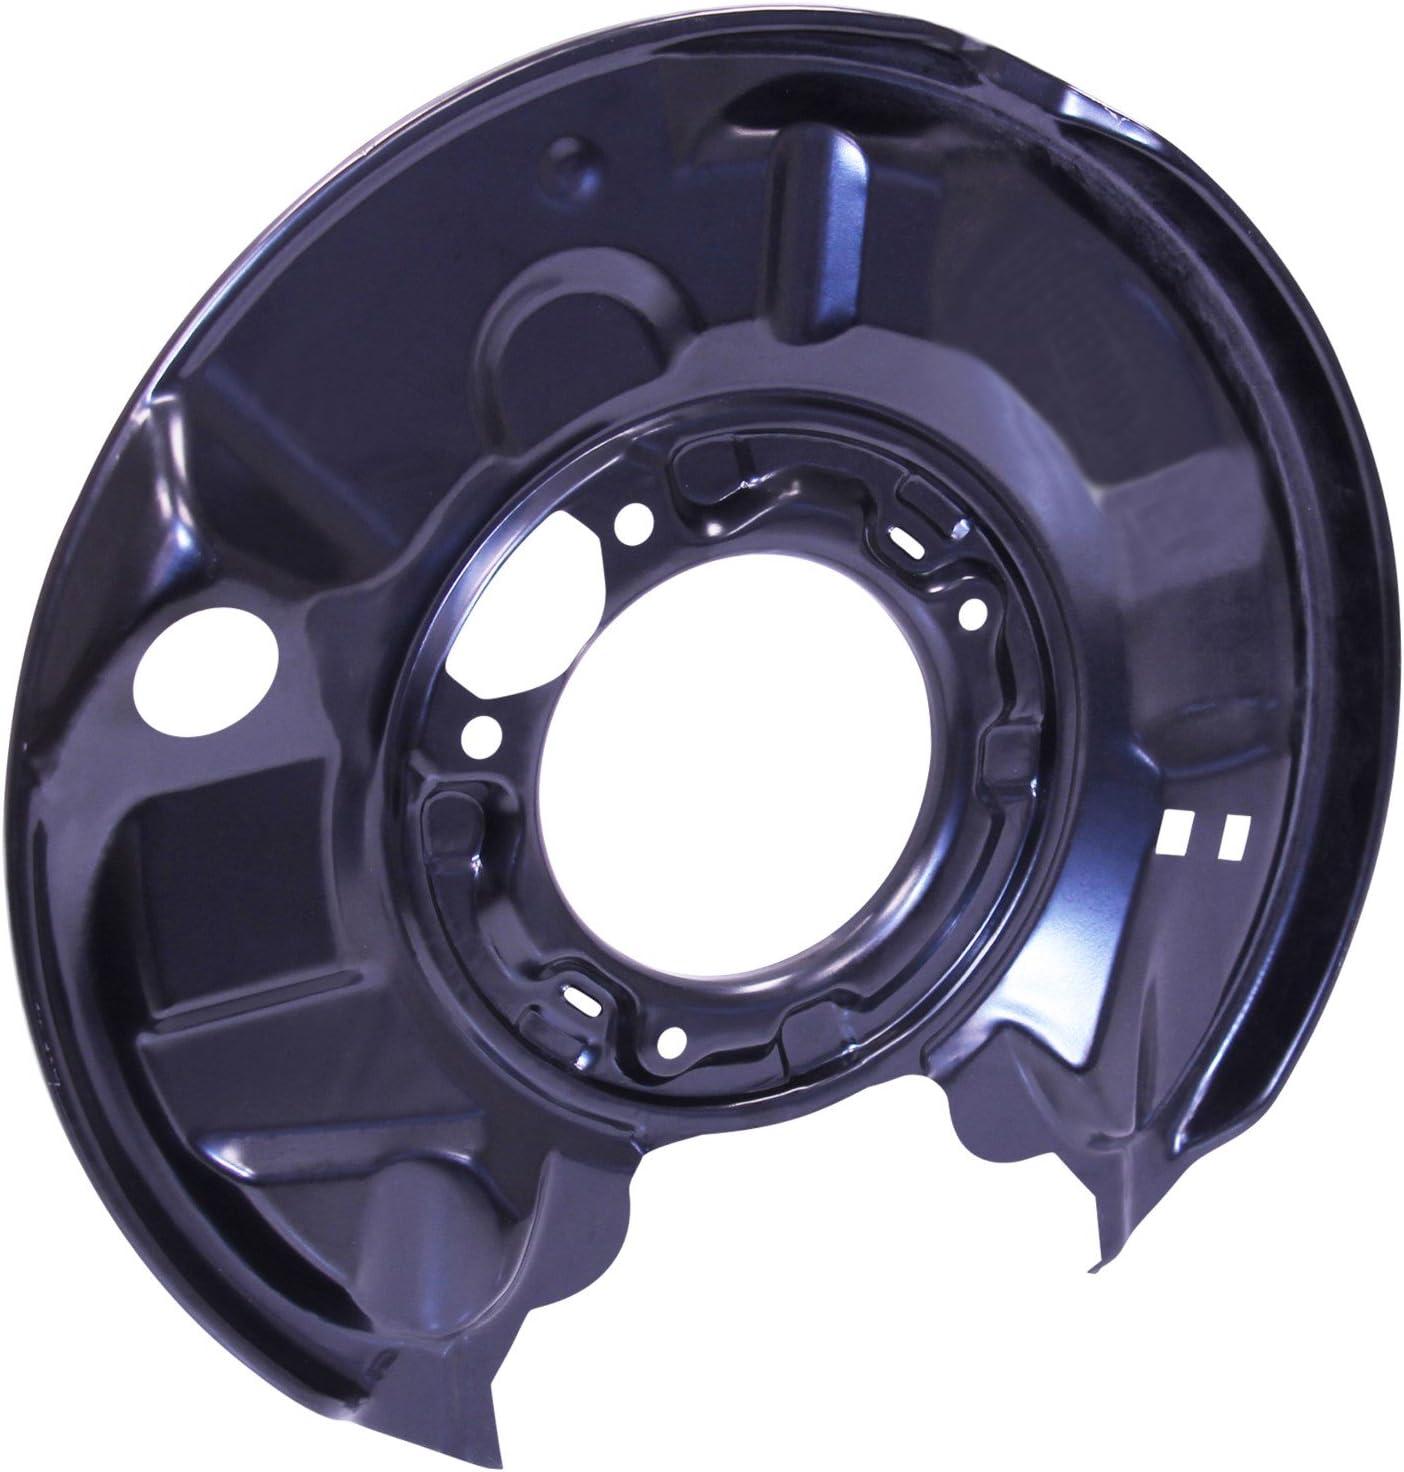 2x Ankerblech Schutzblech Bremsscheibe Deckblech hinten für MERCEDES E-KLASSE